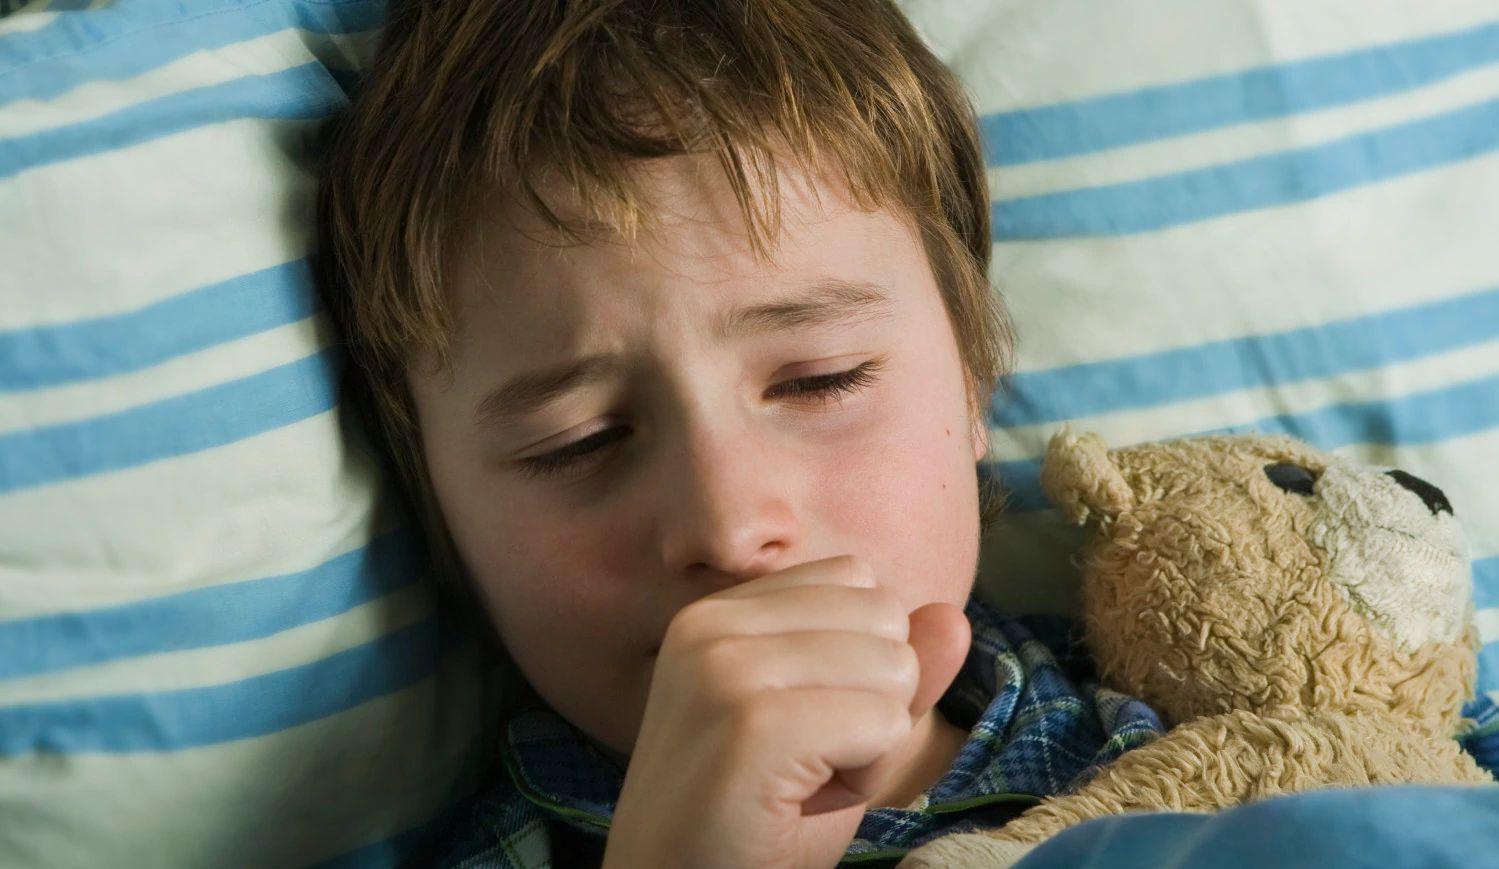 ما هي اسباب حساسية الصدرية عند الاطفال